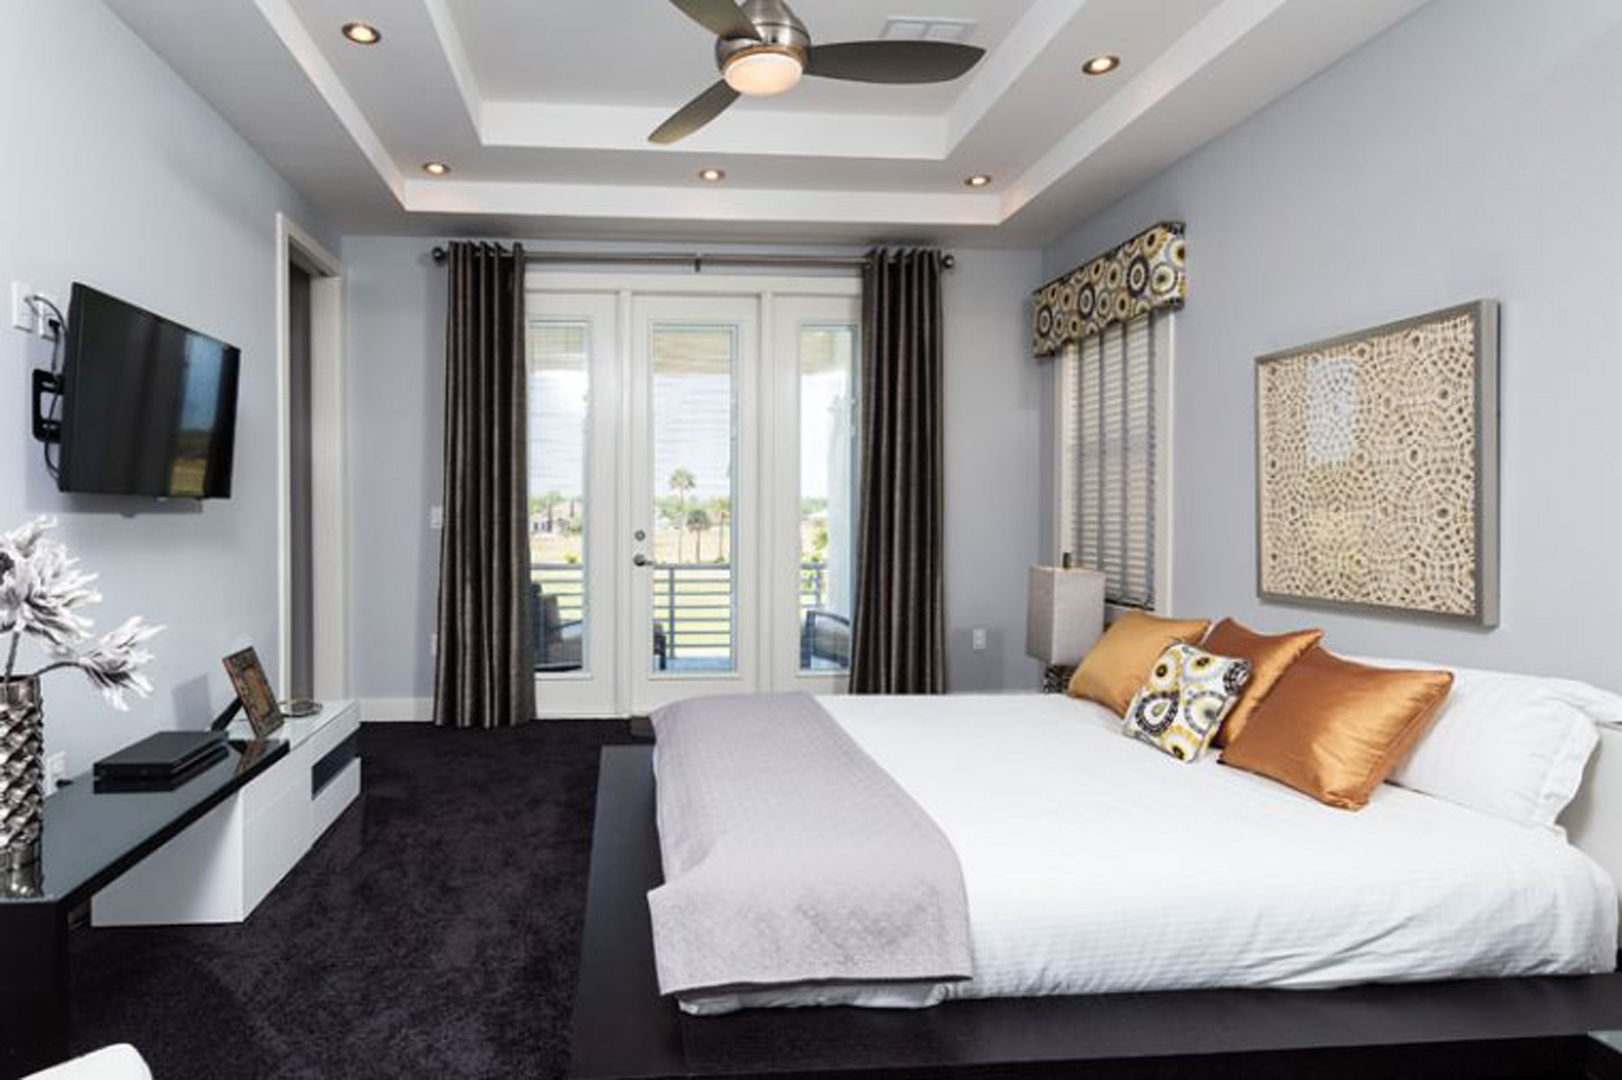 Bedrooms27